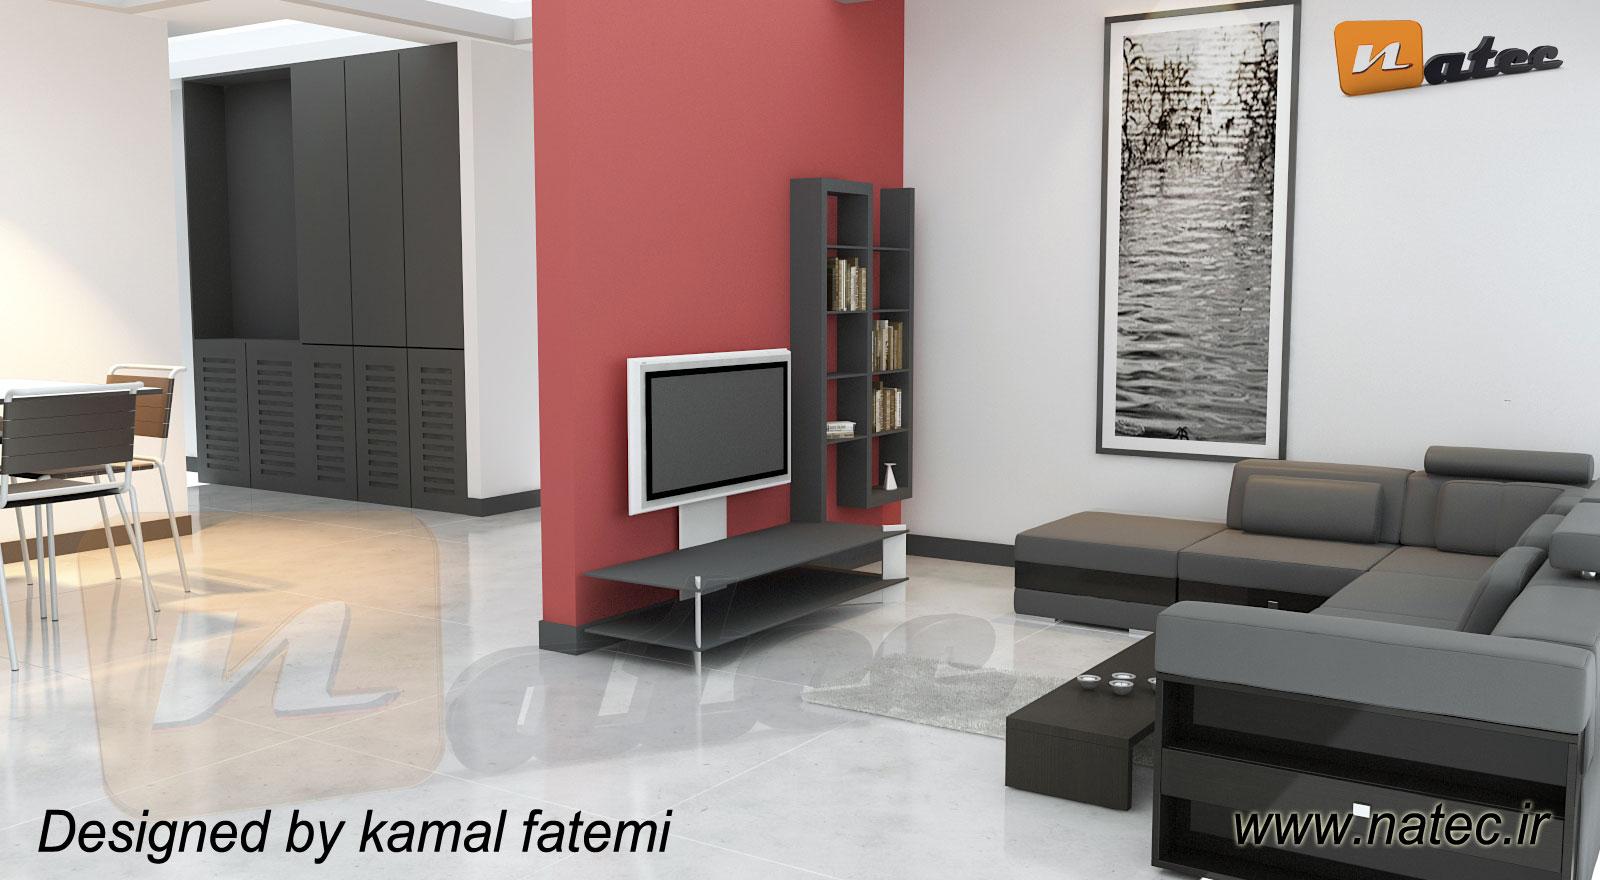 طراحی مدرن و مینیمال از گروه ناتک